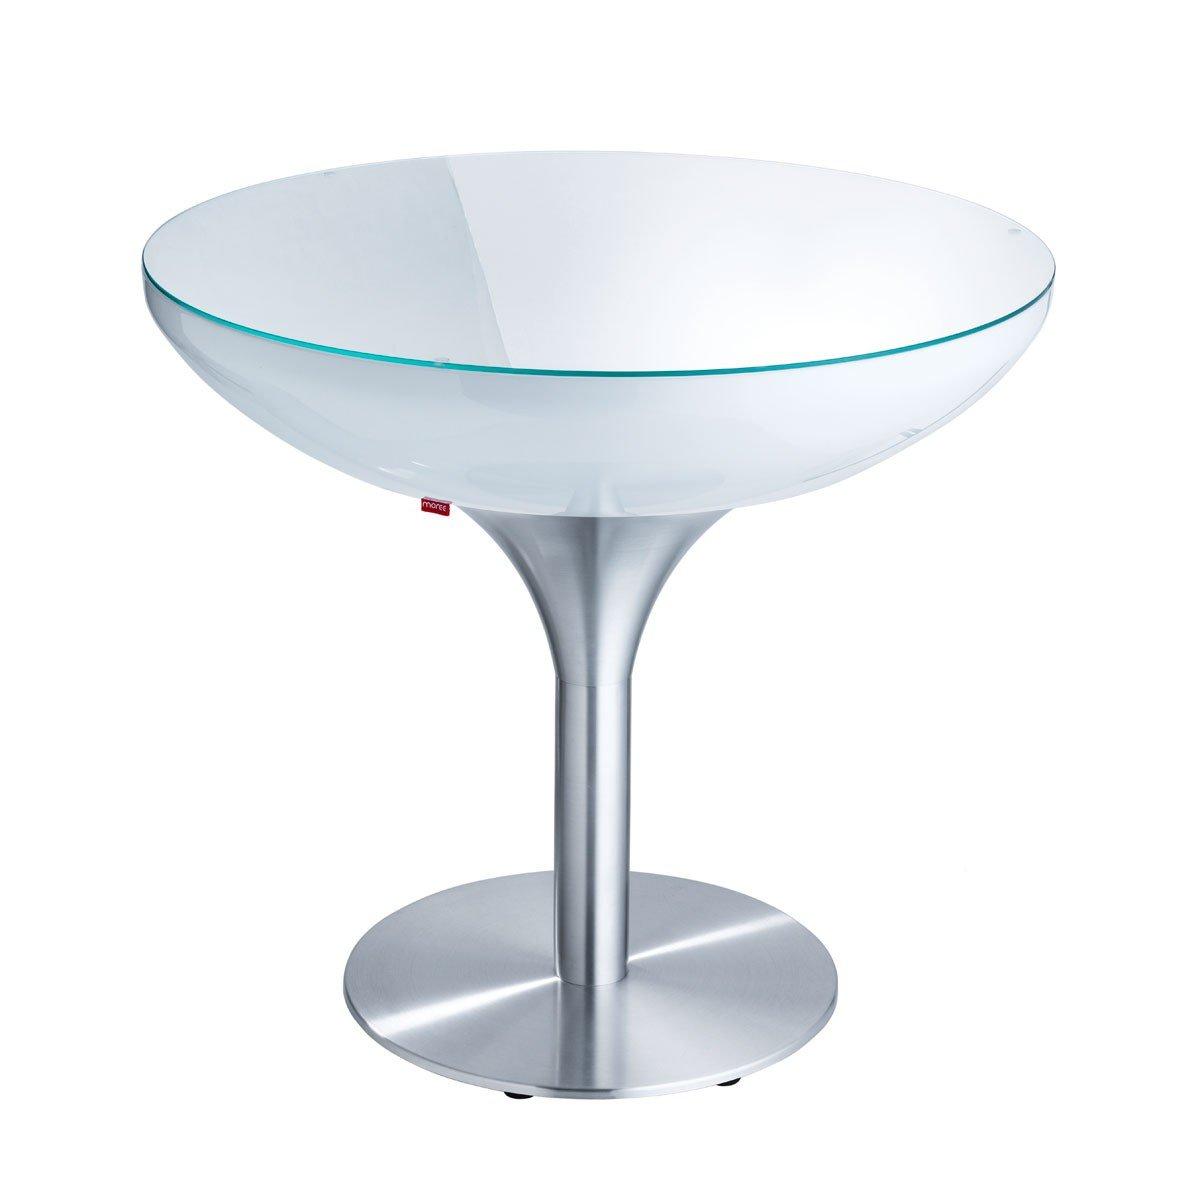 moree Lounge Tisch Lounge 75, Metallisch/Weiß, Aluminium/ Kunststoff, 07-05-02